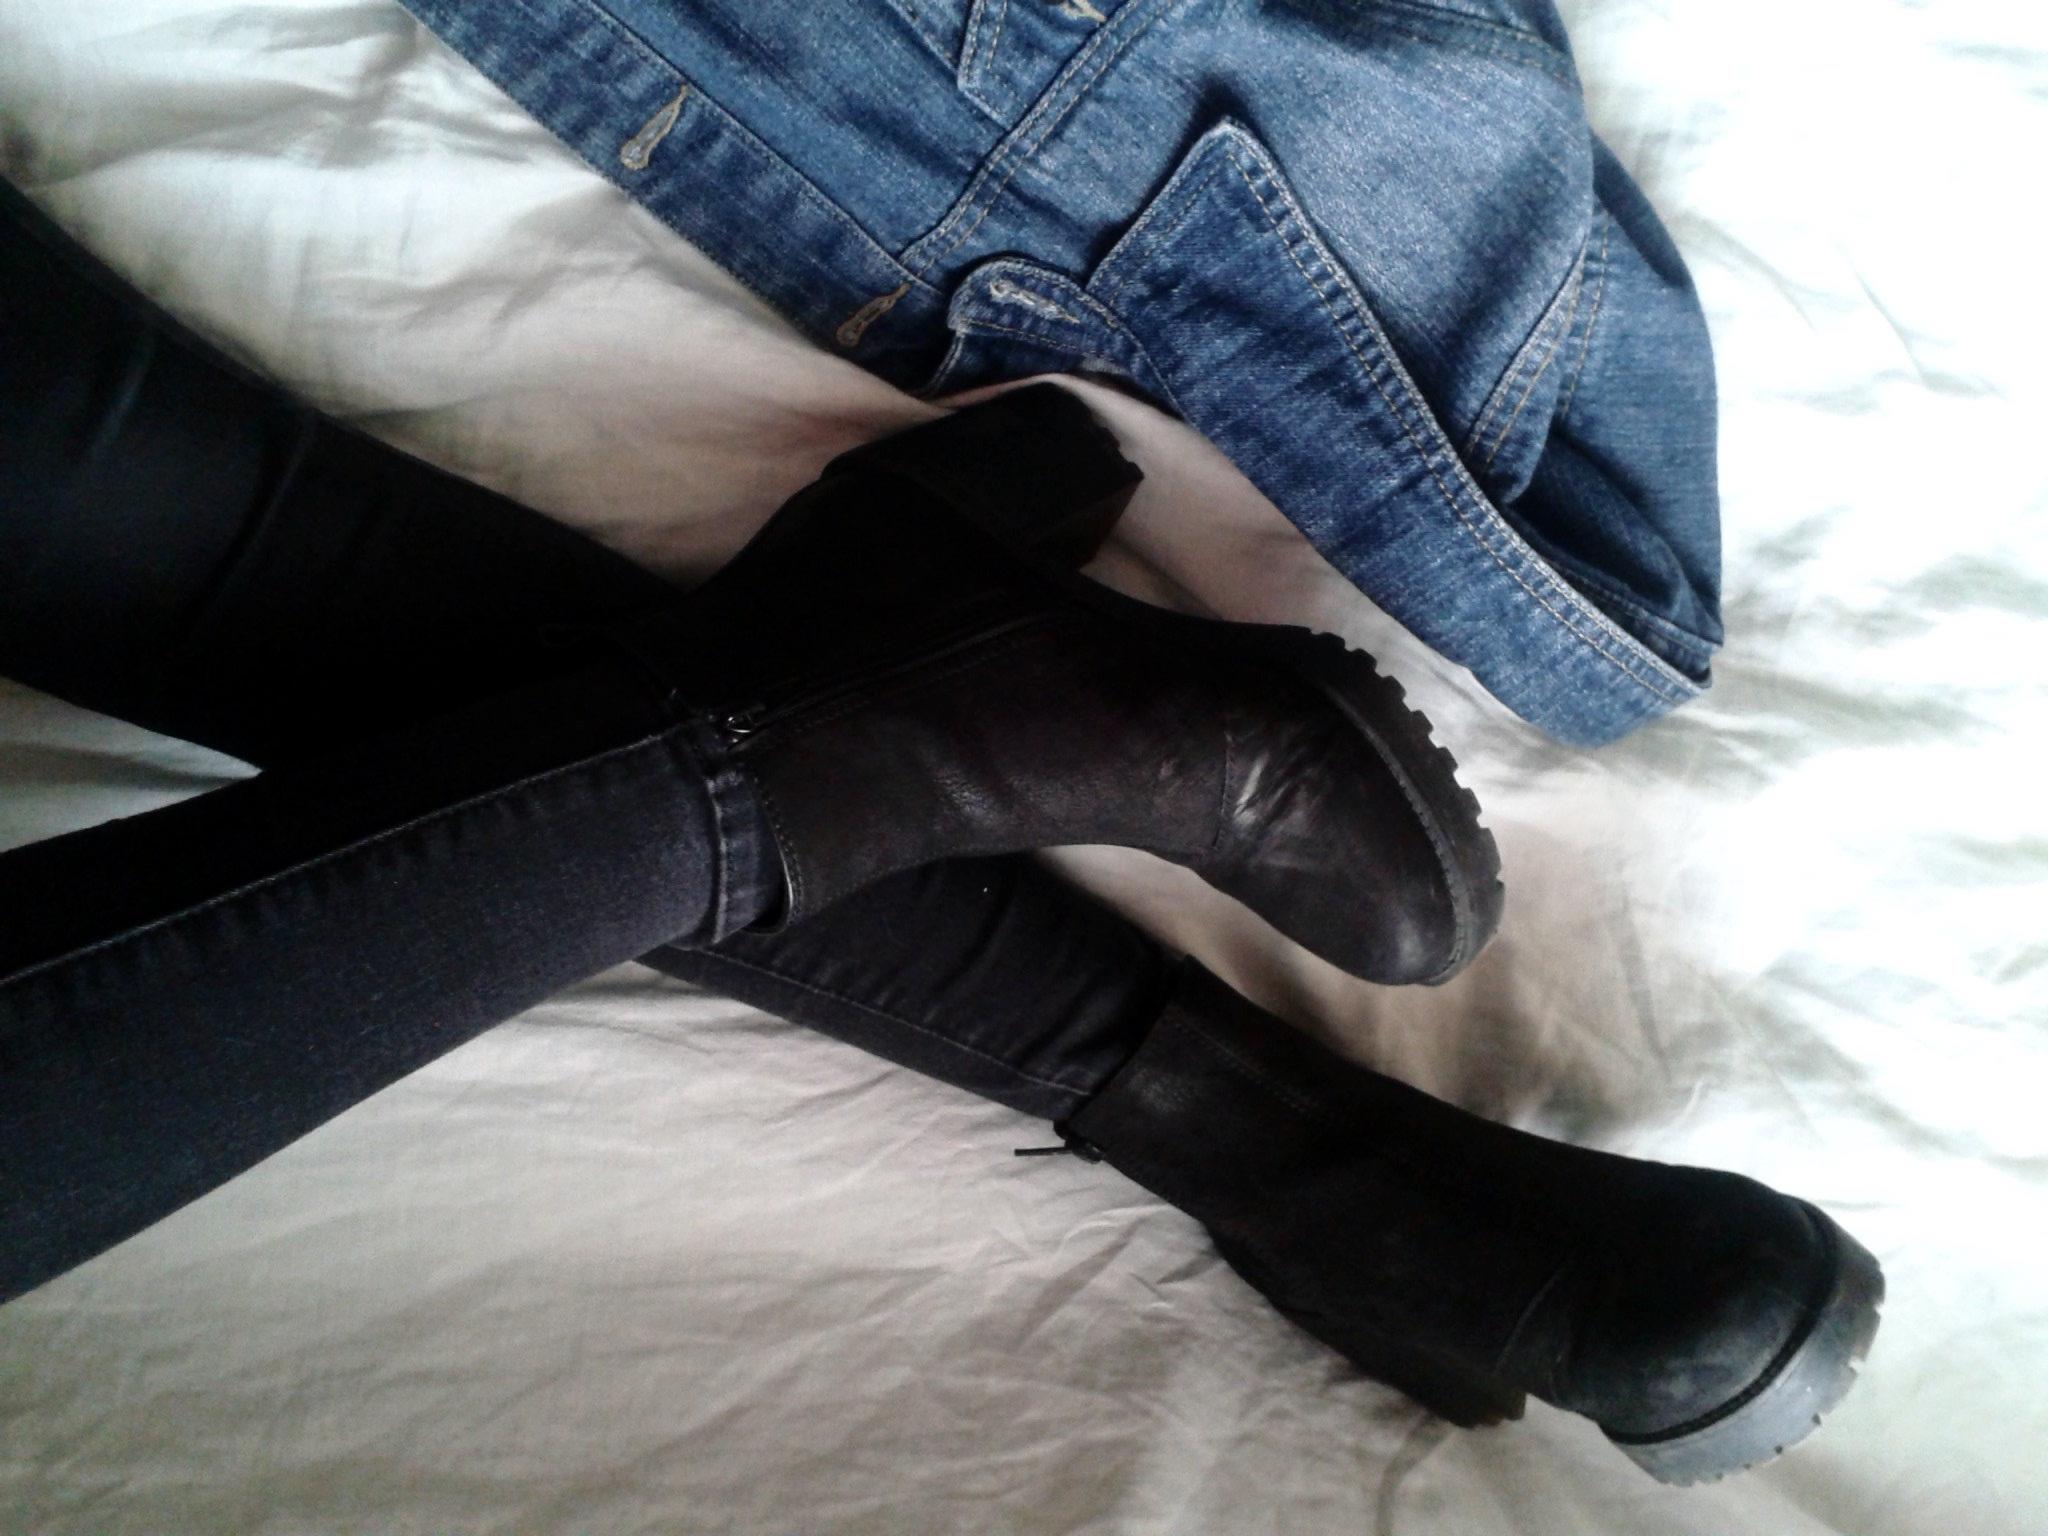 buty ładne zdjęcie nogi